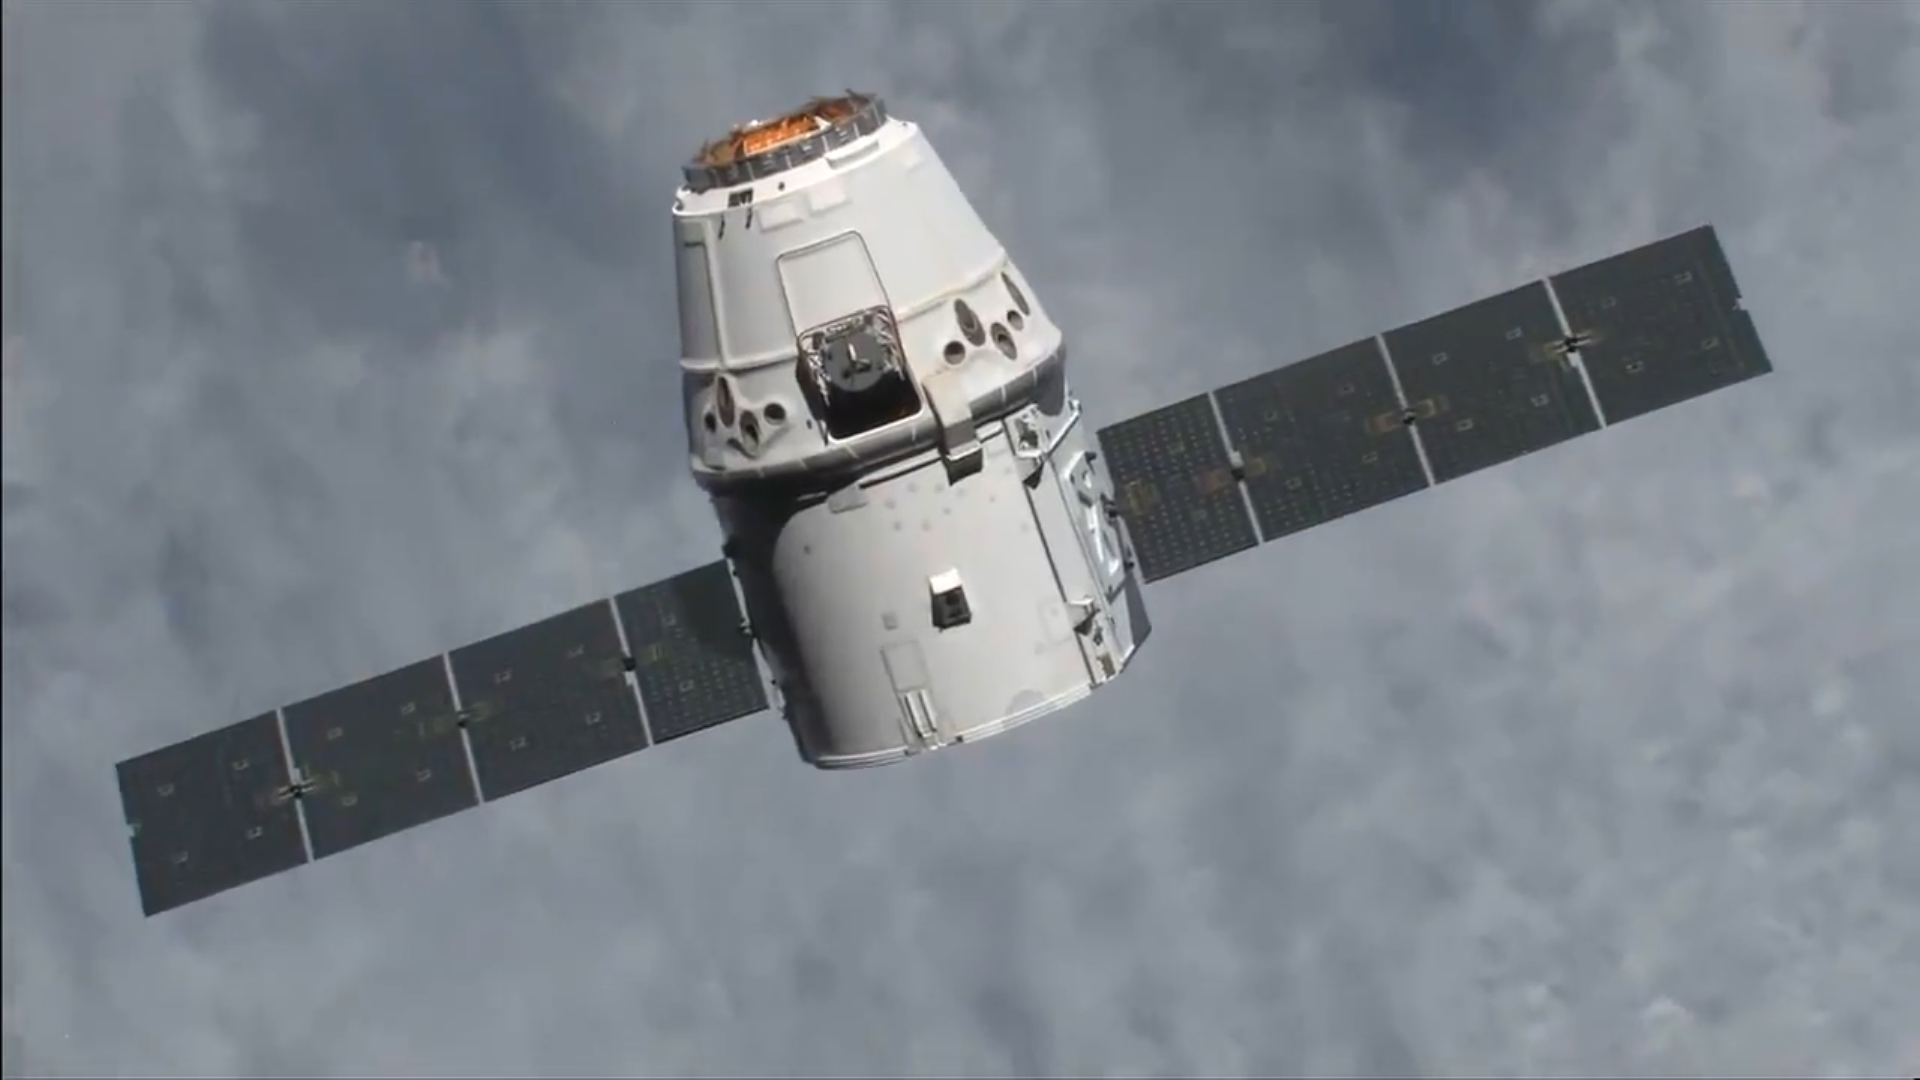 Грузовая капсула SpaceX Dragon успешно вернула на Землю мышей и другой груз